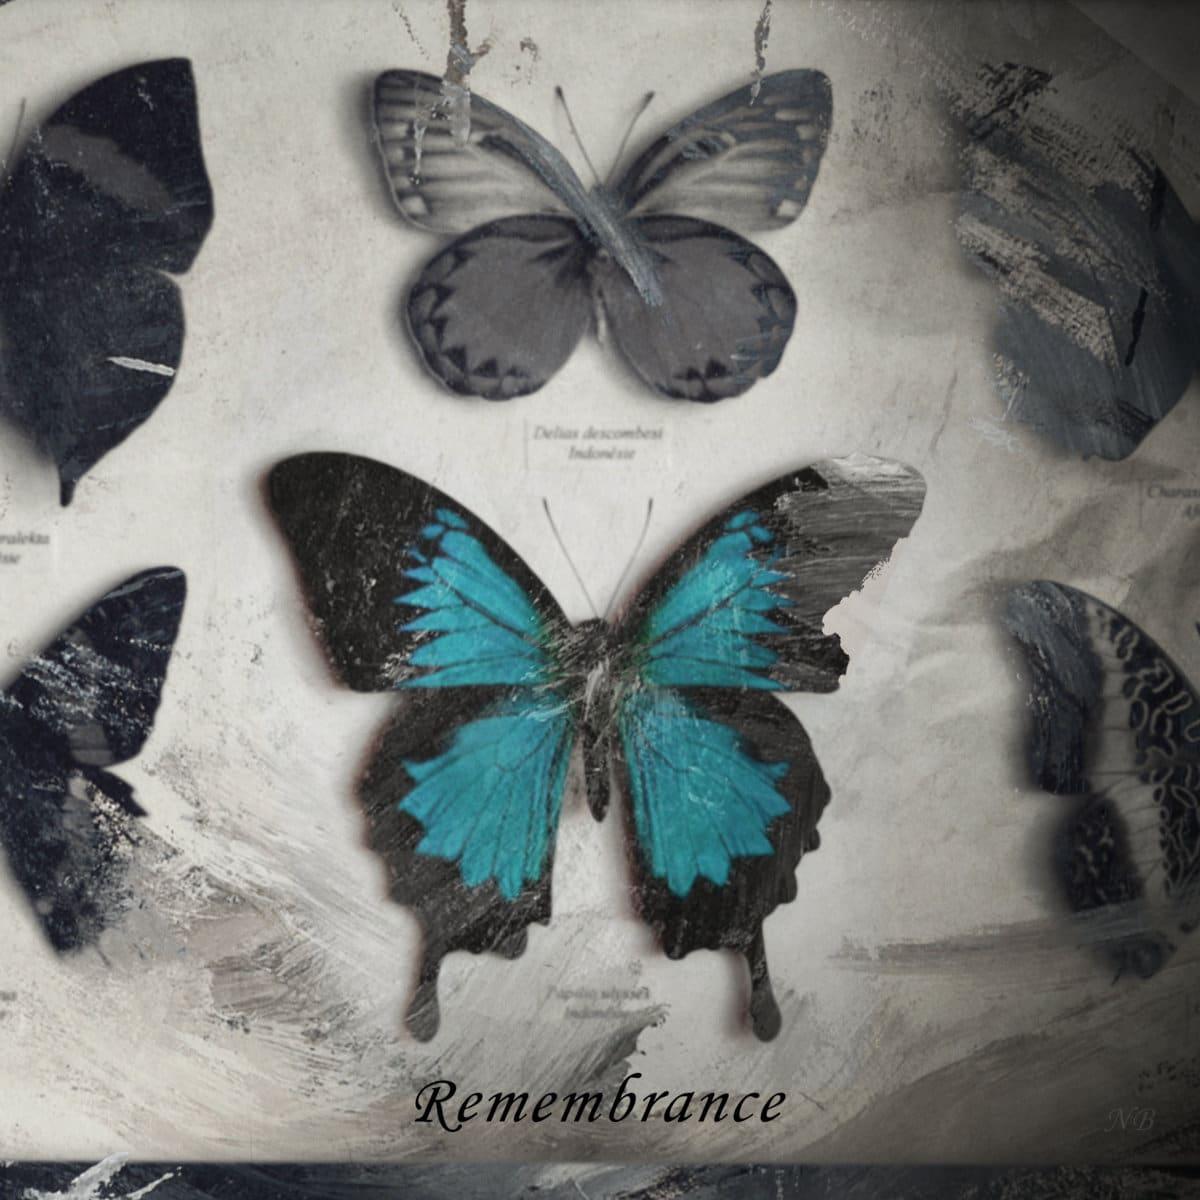 Nicolas Bredin - Remembrance